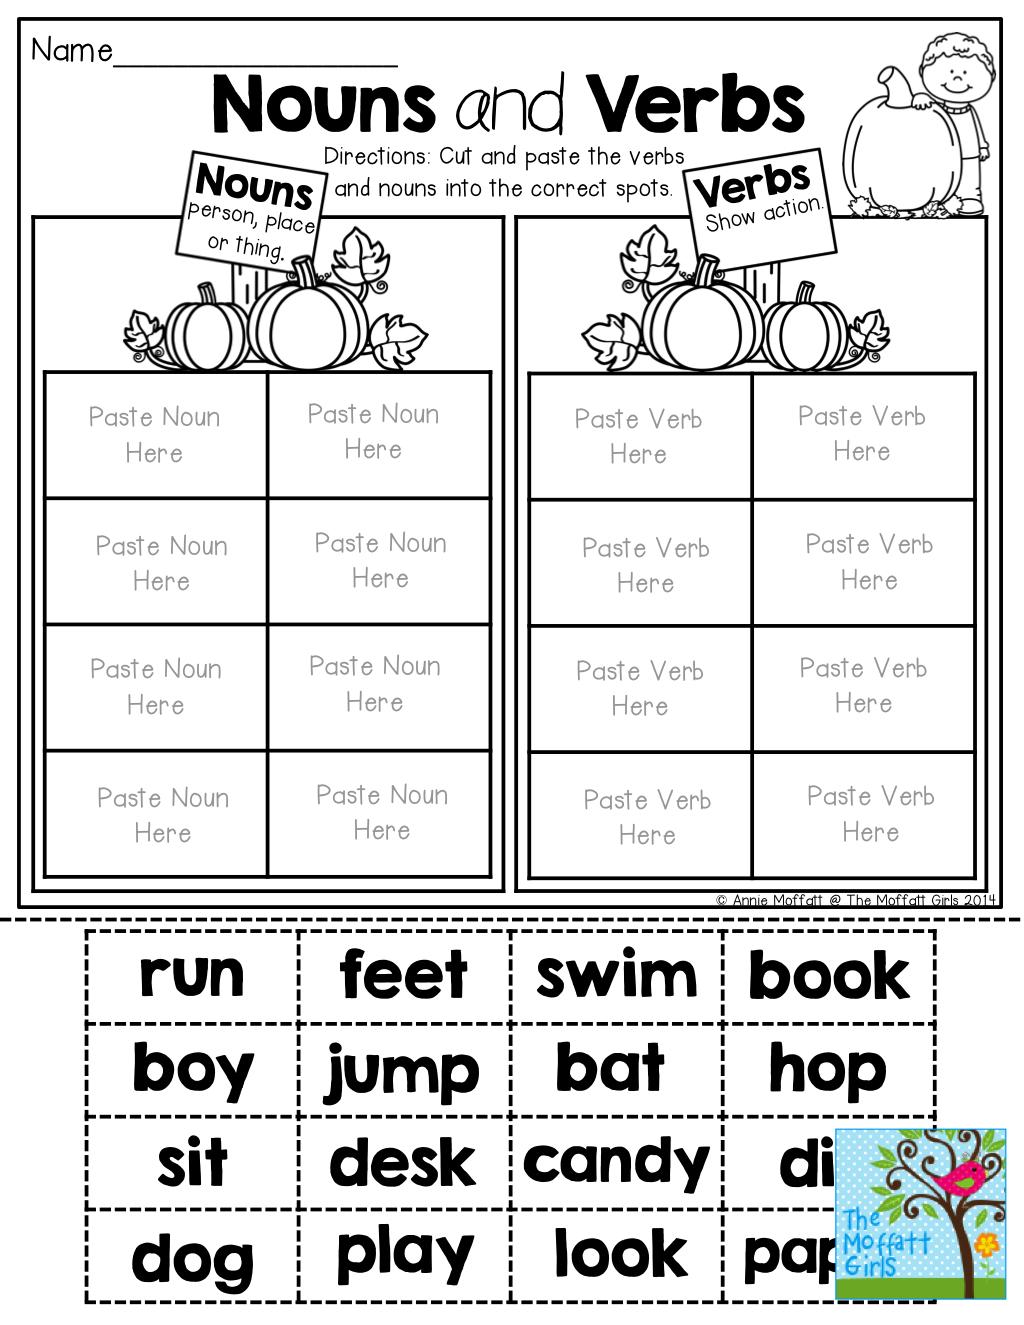 Free Printable Verb Worksheets For Kindergarten